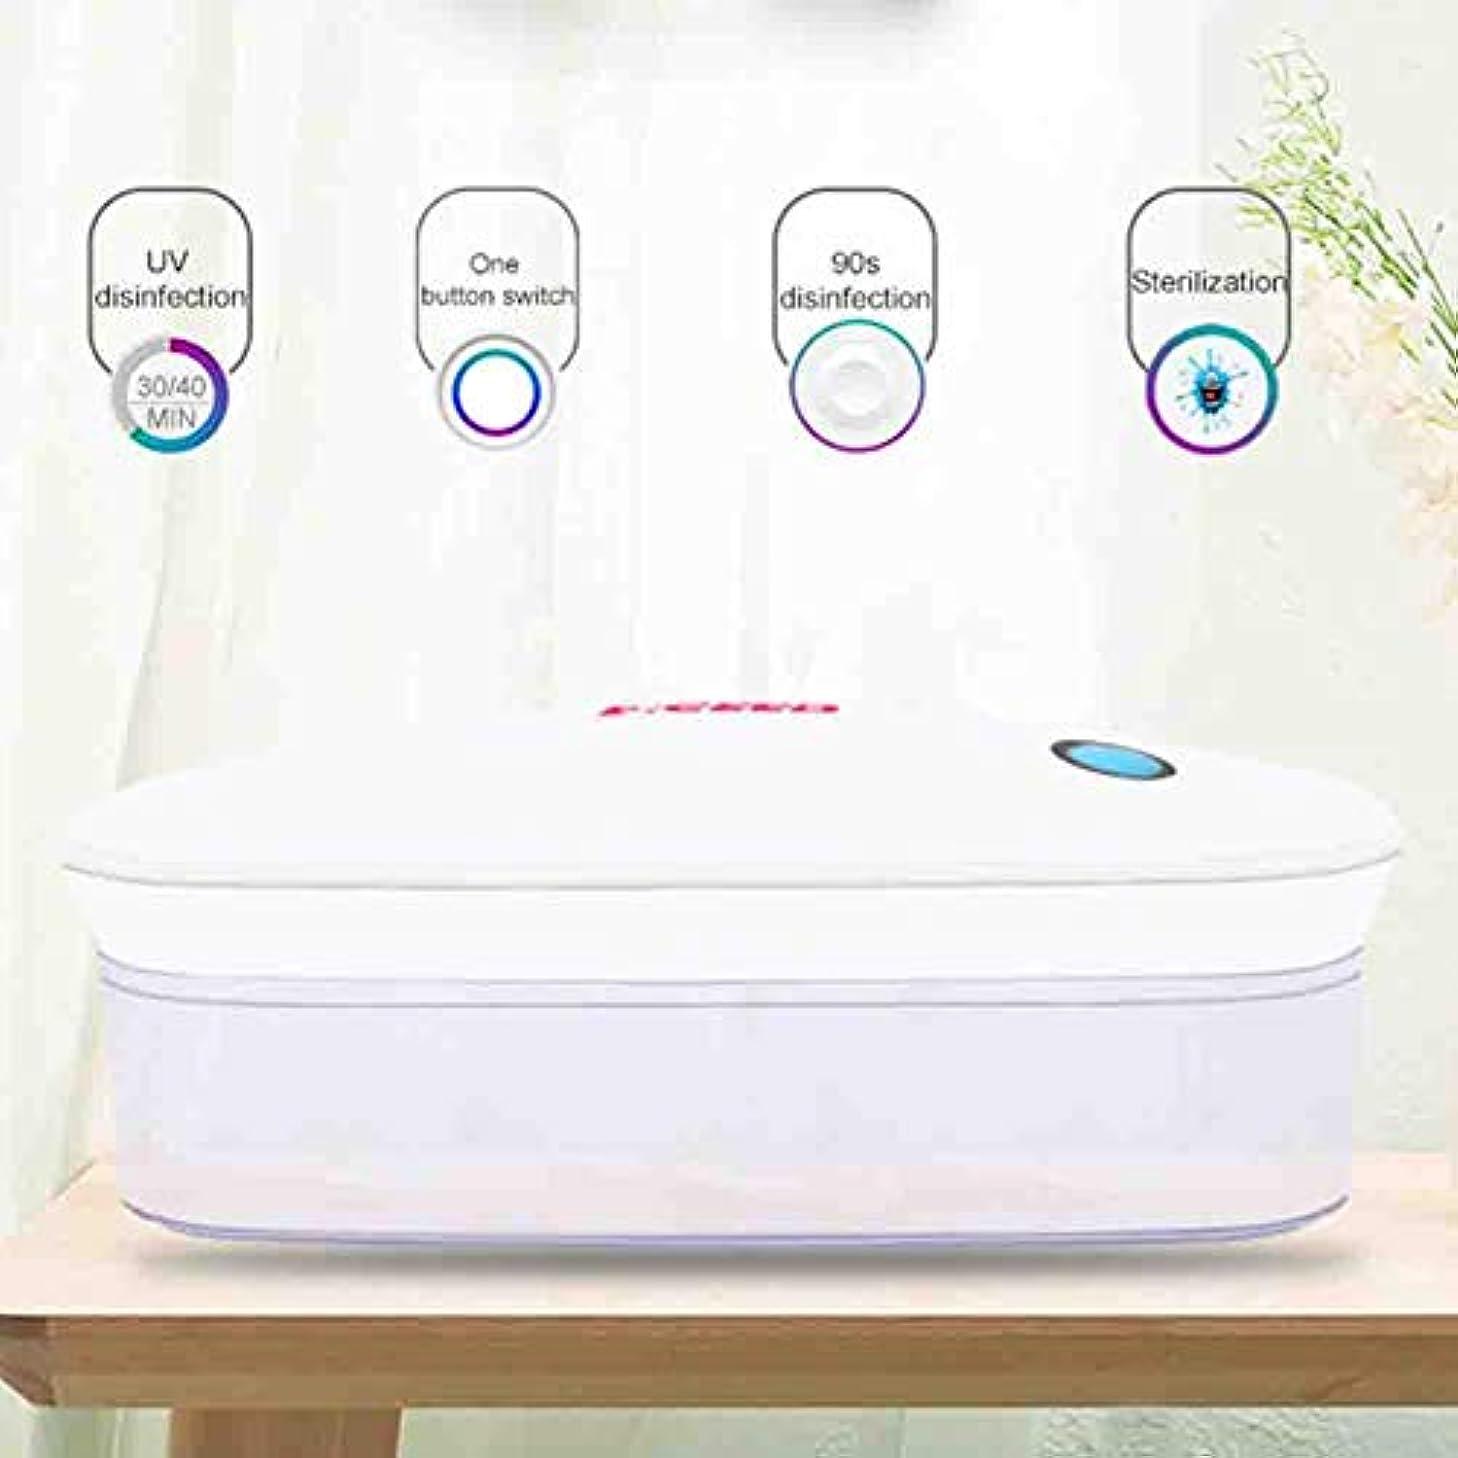 同時忘れっぽい抵抗する光波オゾン滅菌器ポータブル多機能タトゥーツール消毒ボックスUSB充電